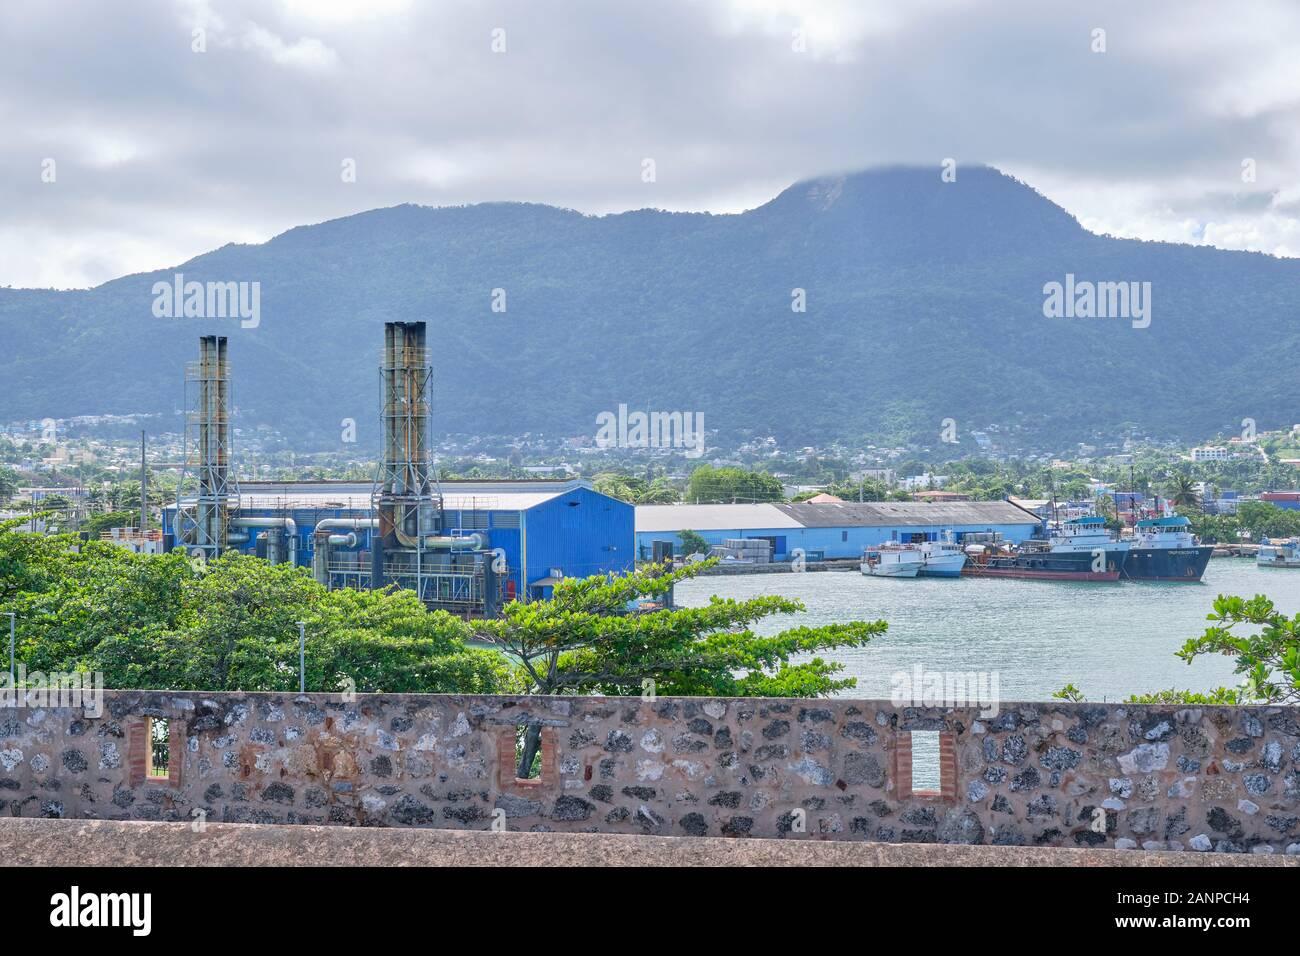 Vista del puerto en Puerto Plata, República Dominicana muestra algunos edificios industriales y barcos. Foto de stock